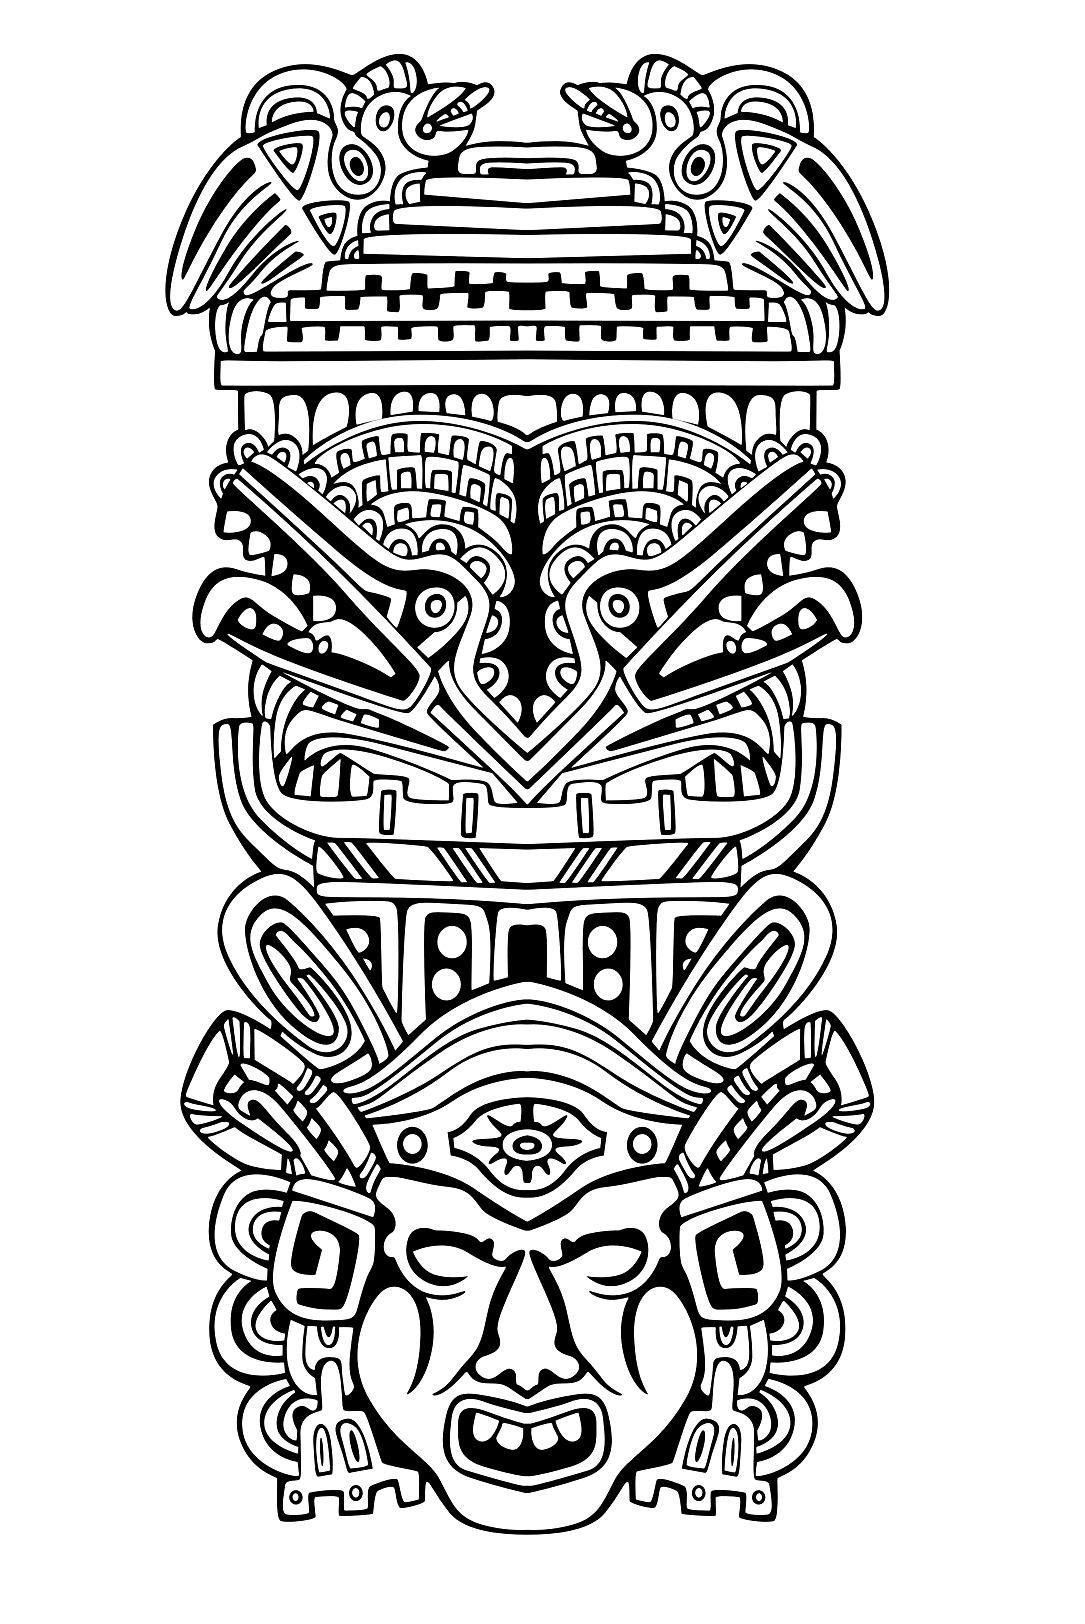 Galerie de coloriages gratuits coloriage adulte totem inspiration inca maya azteque 4 pattern - Dessin azteque ...